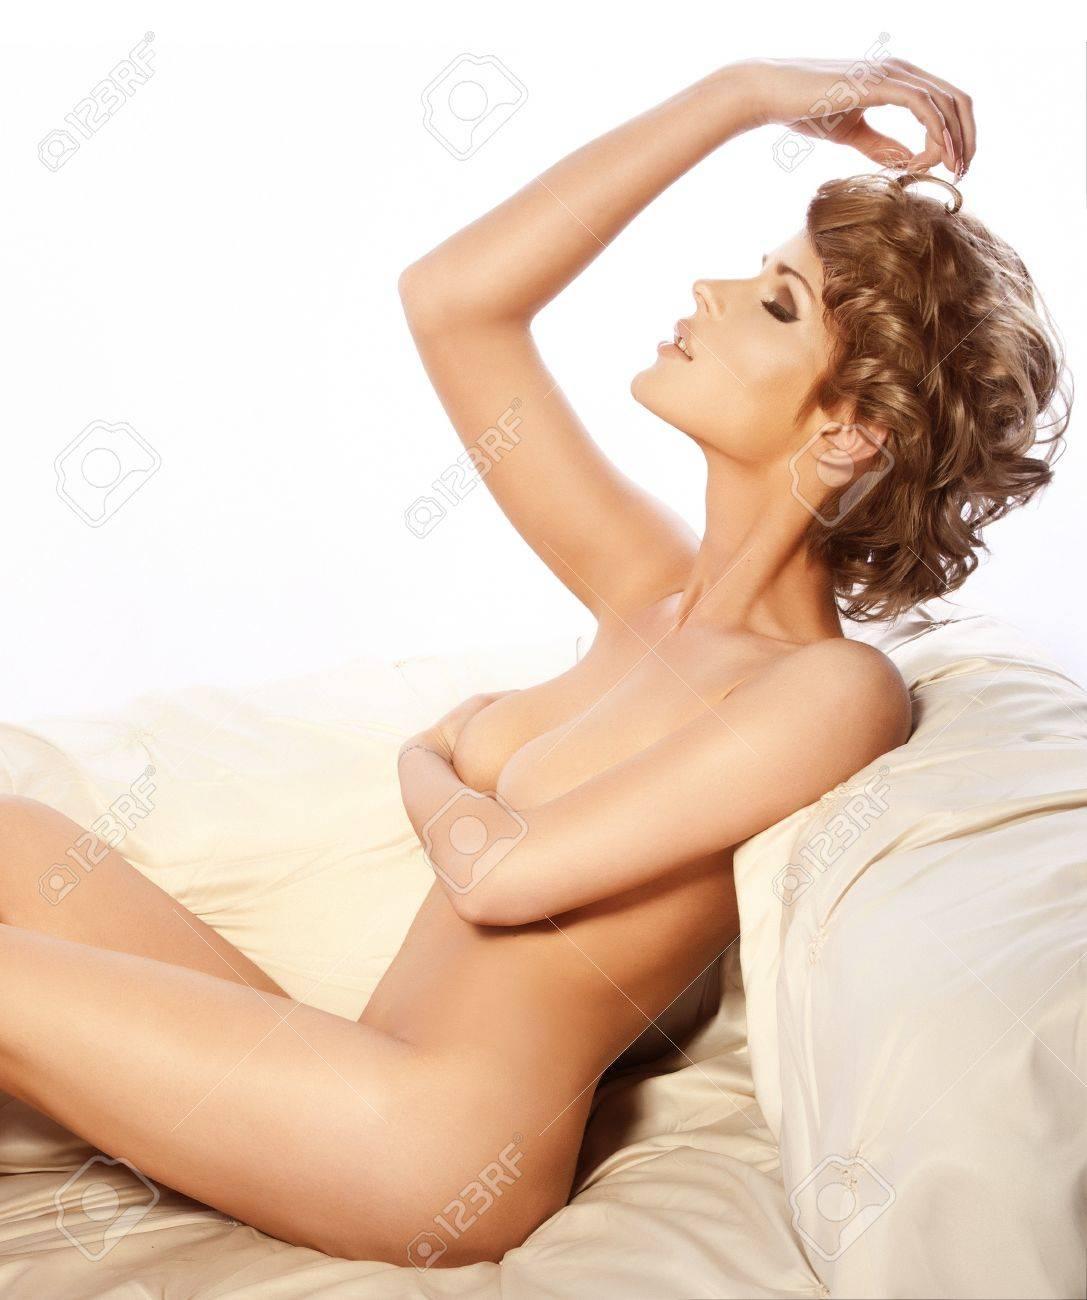 Frau haare nackte kurze Kurze haare: